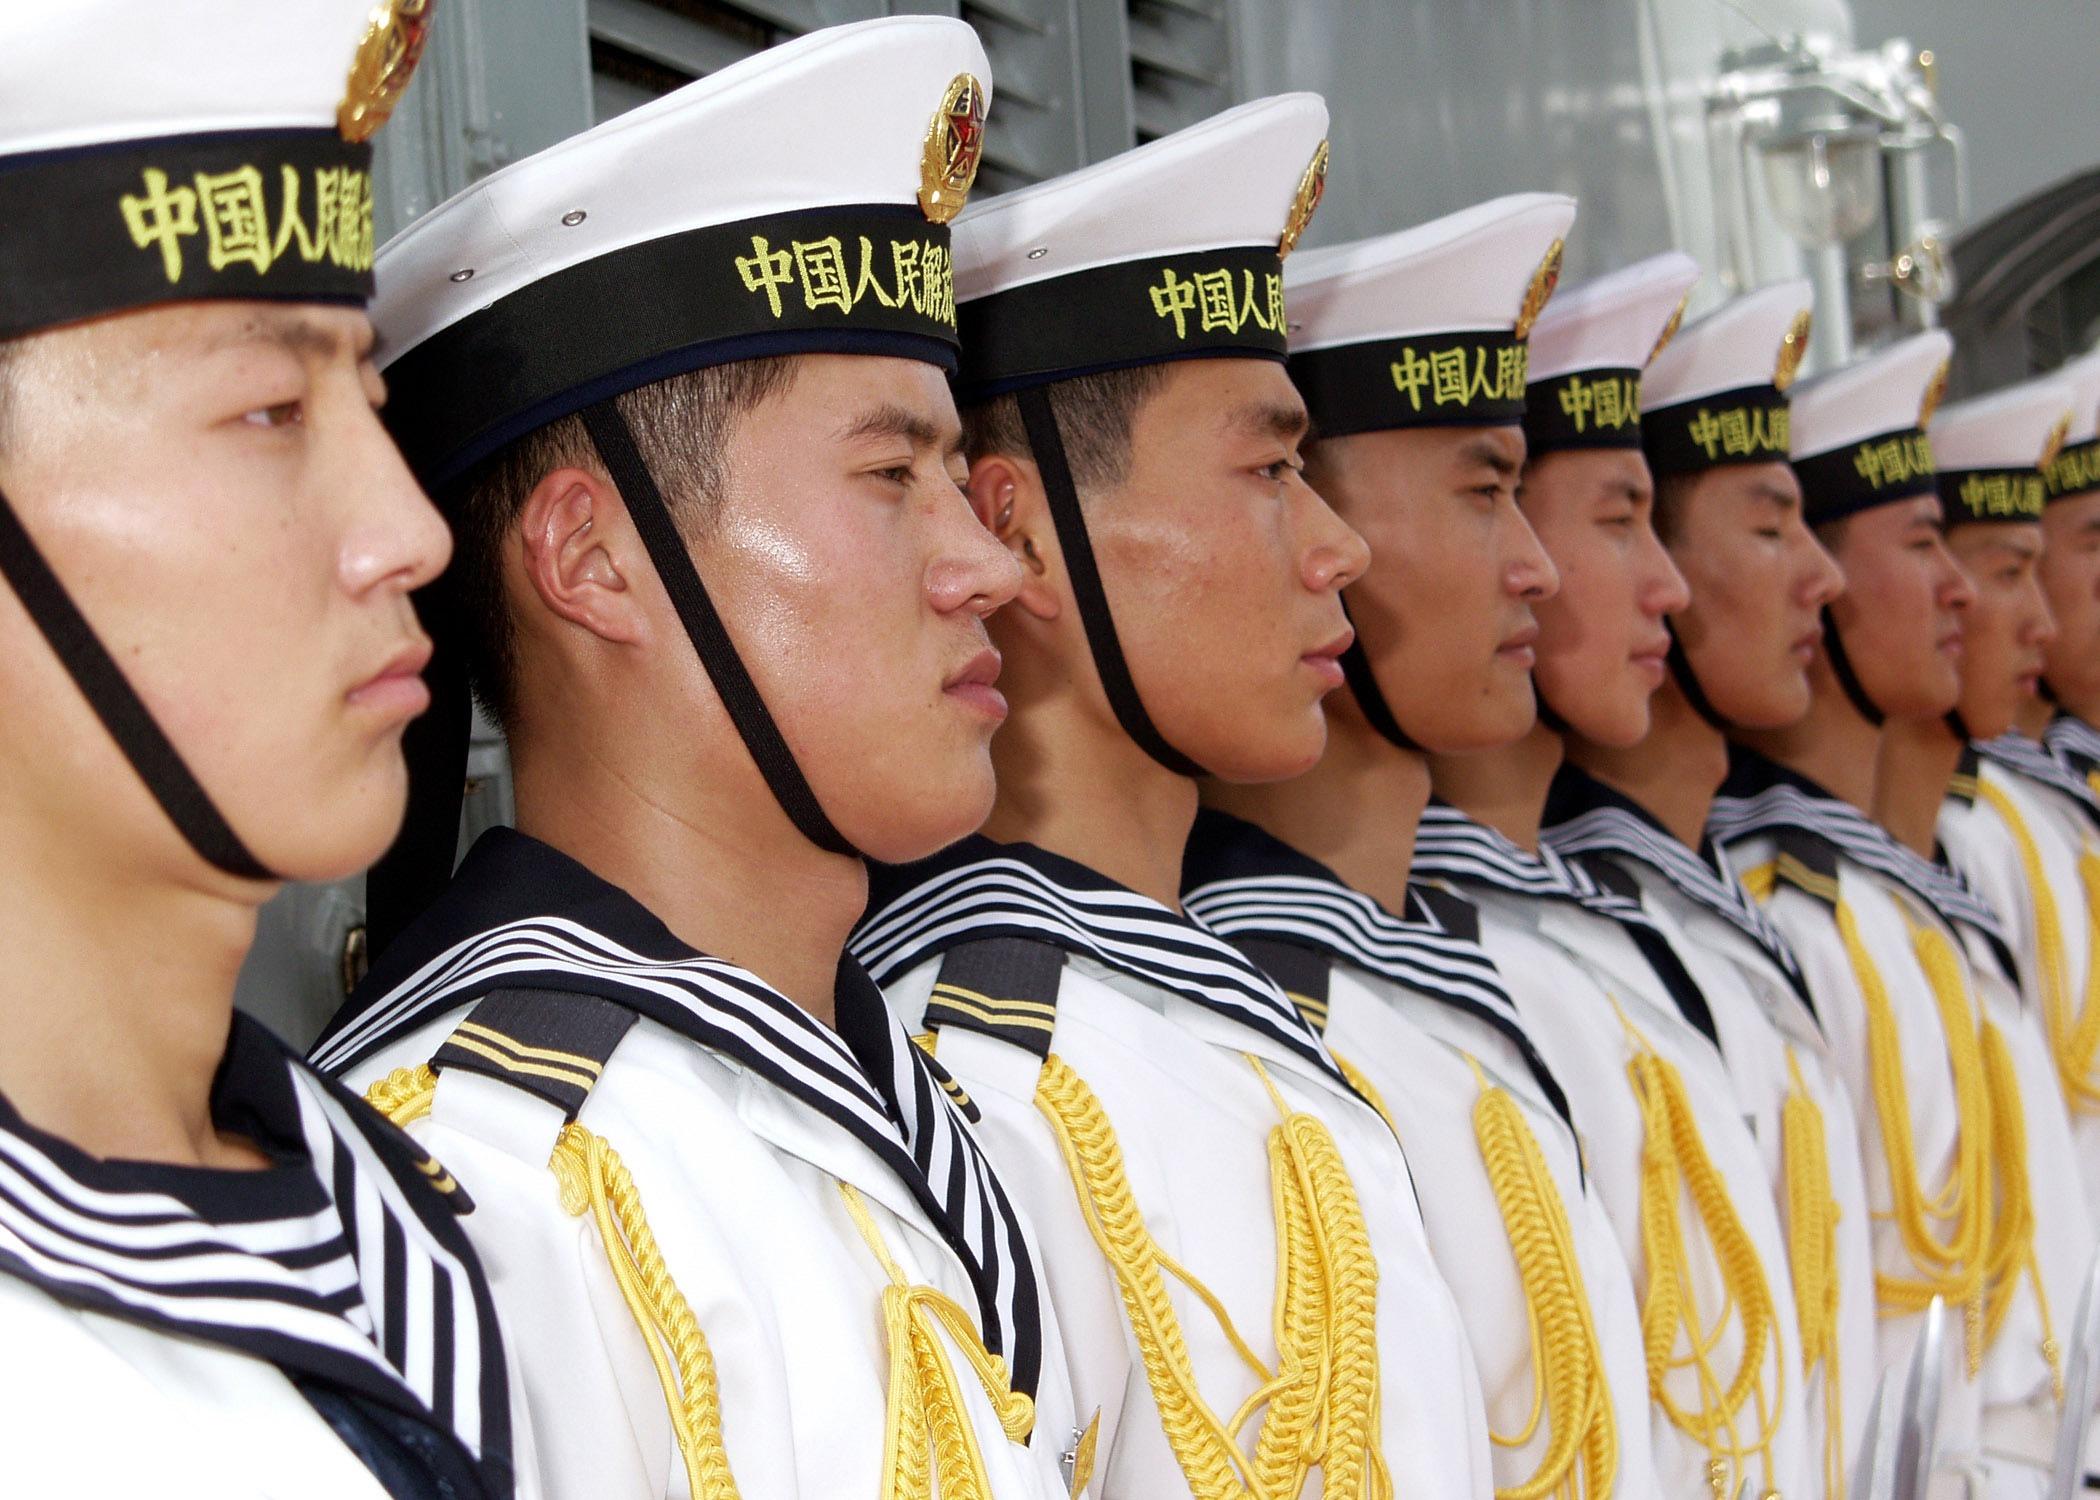 hình ảnh : người, quân đội, Trung Quốc, chuyên nghiệp, Đua xe, Hải quân, Diễu hành, xếp hàng, Thủy thủ, Sĩ quan quân đội, Người quân đội 2100x1500